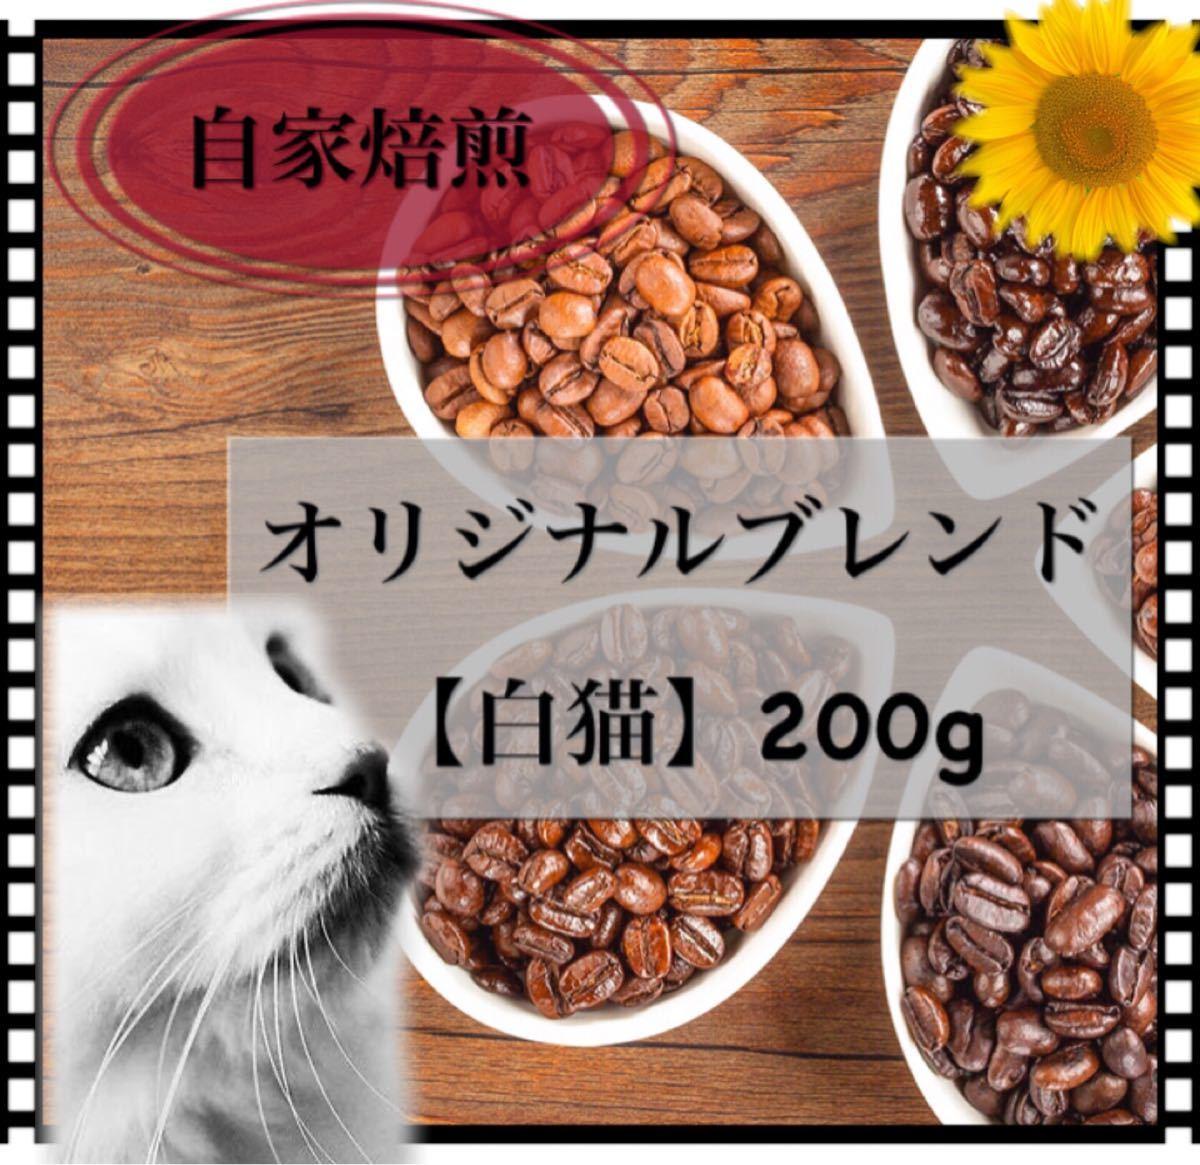 自家焙煎珈琲★オリジナルブレンド100g×2袋 200g